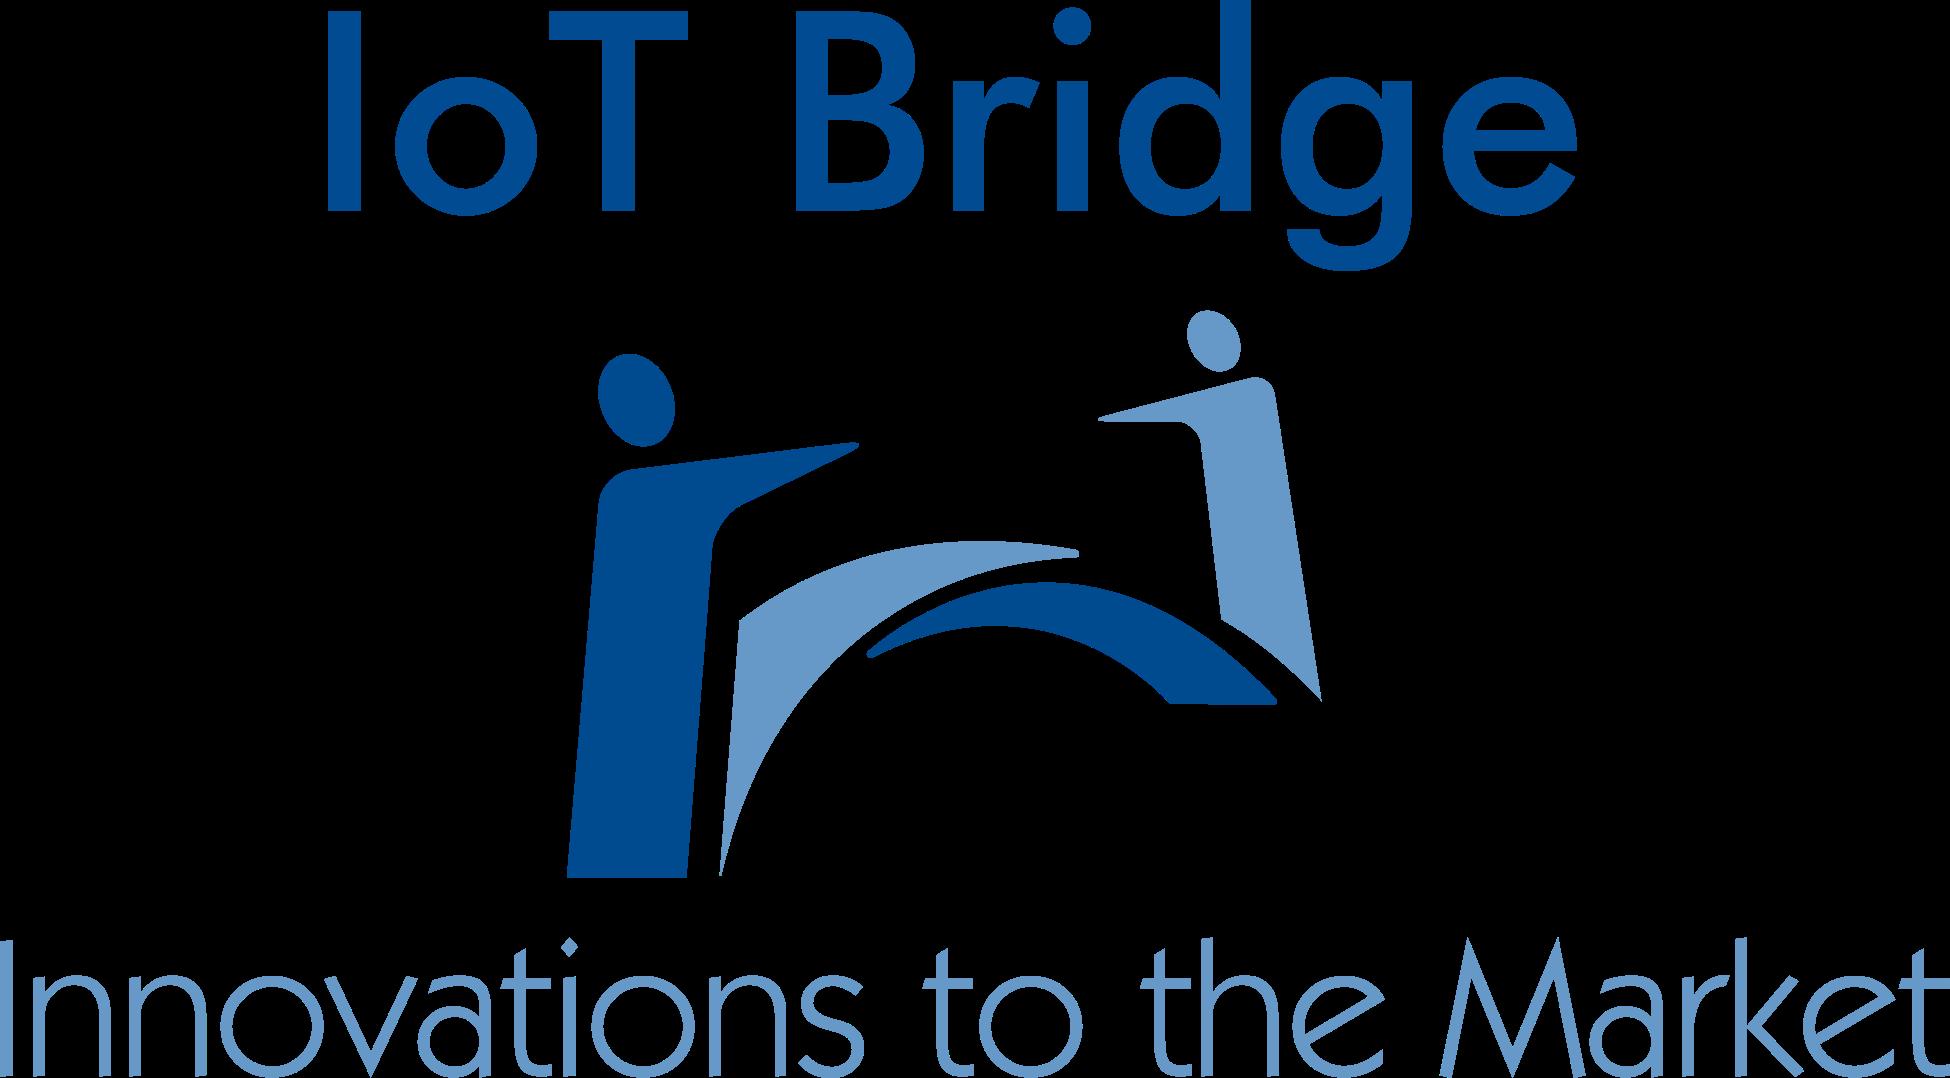 IoT Bridge